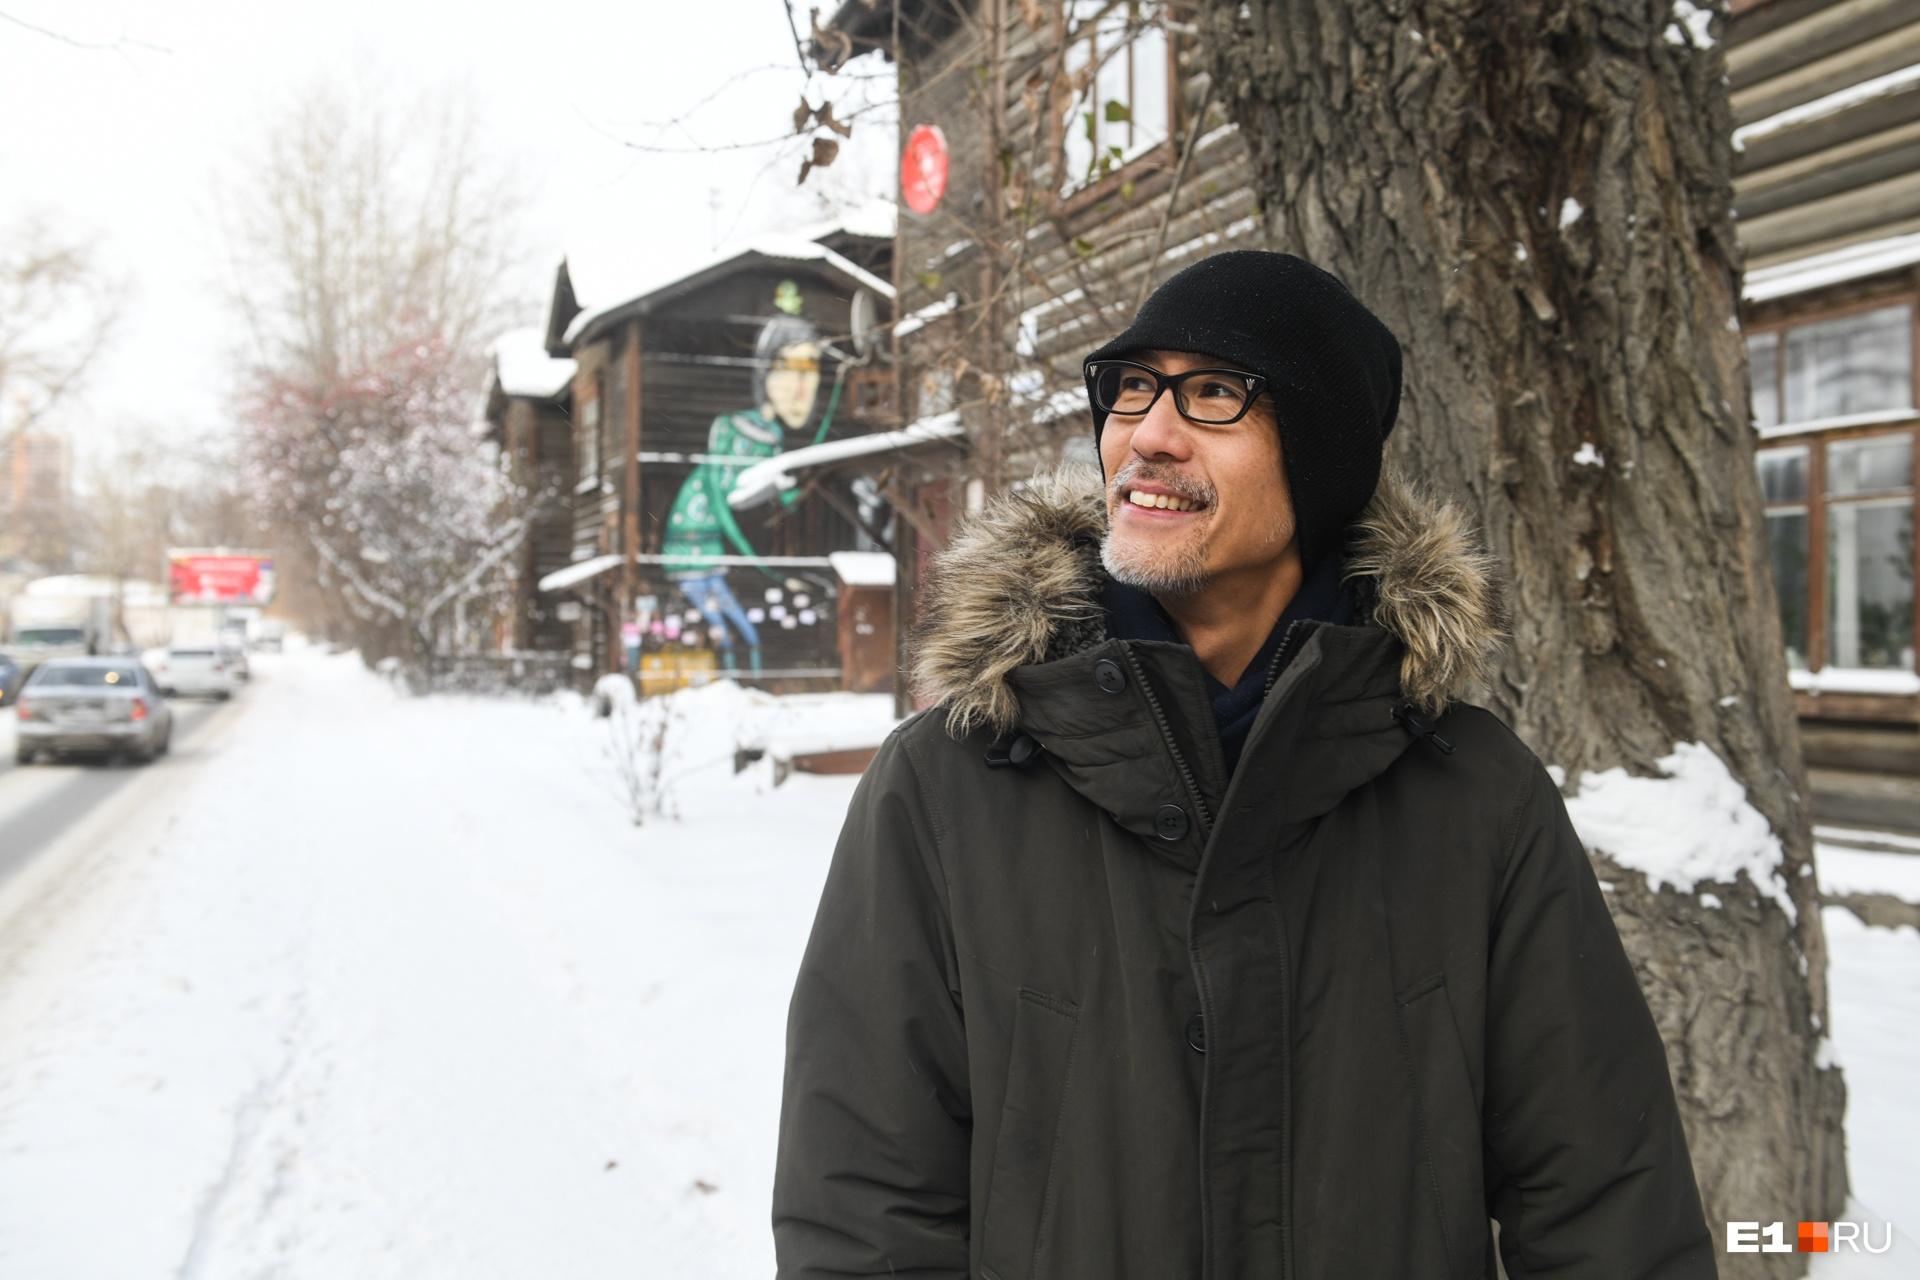 — Глобально существует такая проблема, что люди, когда живут в каком-то окружении, то перестают его ценить, — считает Хироки. Так же происходит и с этими зданиями